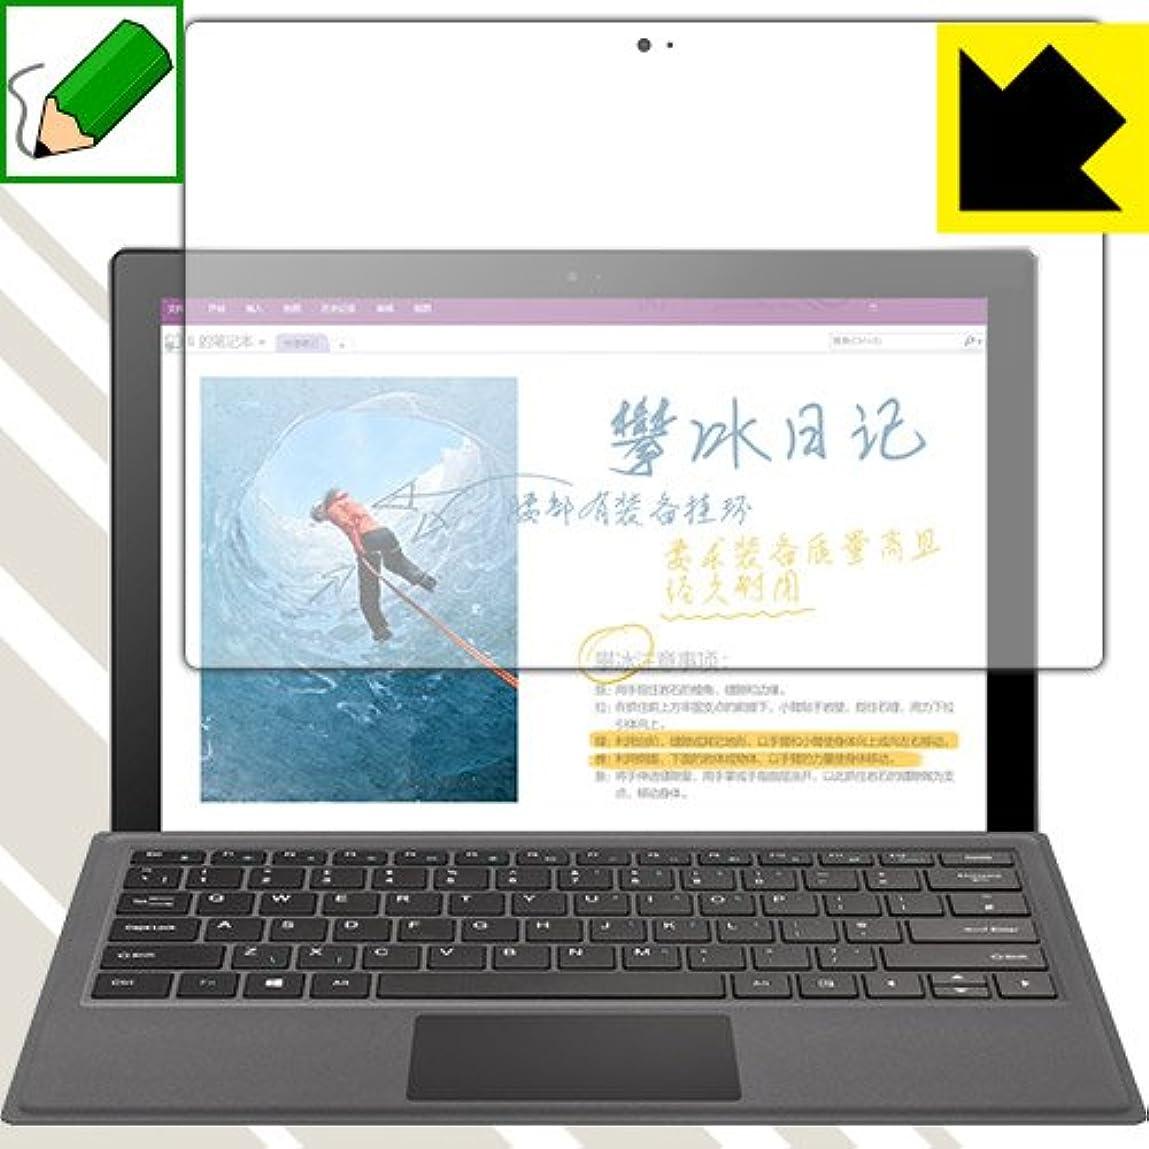 消費前述の起きろ特殊処理で紙のような描き心地を実現 ペーパーライク保護フィルム VOYO VBook i7 Plus 日本製